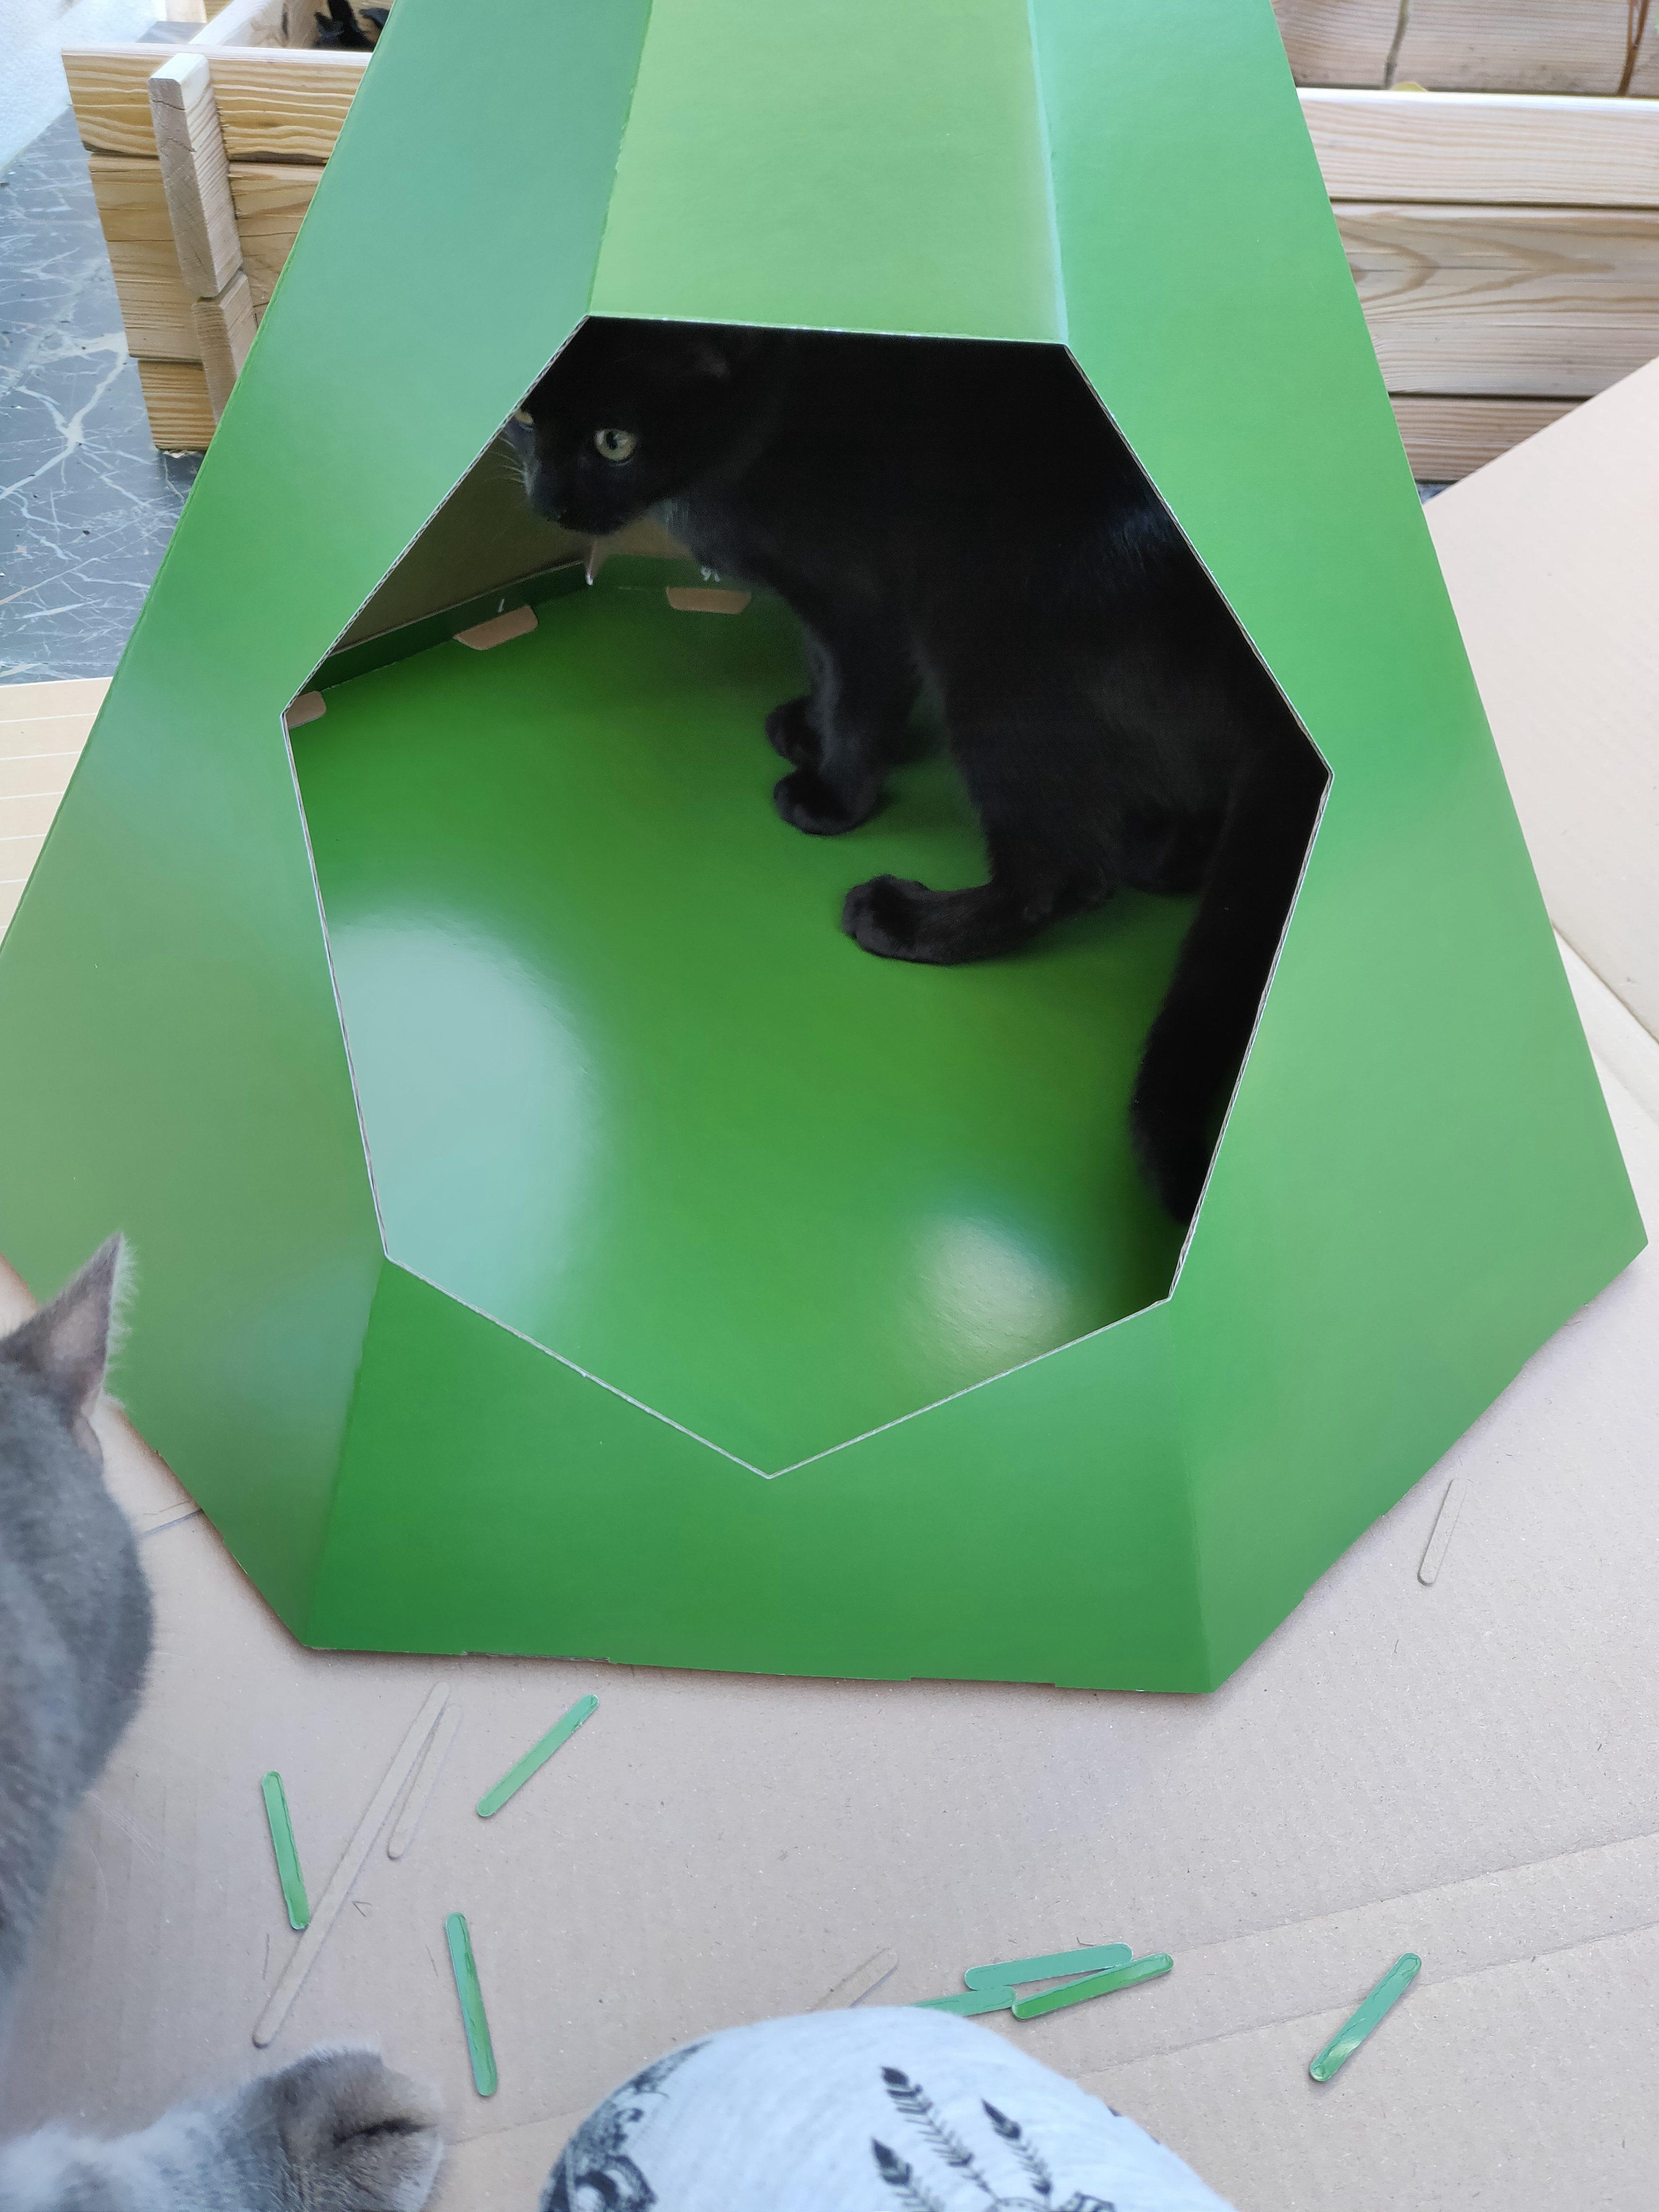 Tipi Pour Chat A Fabriquer diy : tipi en carton pour chat - notre test | la box naturelle